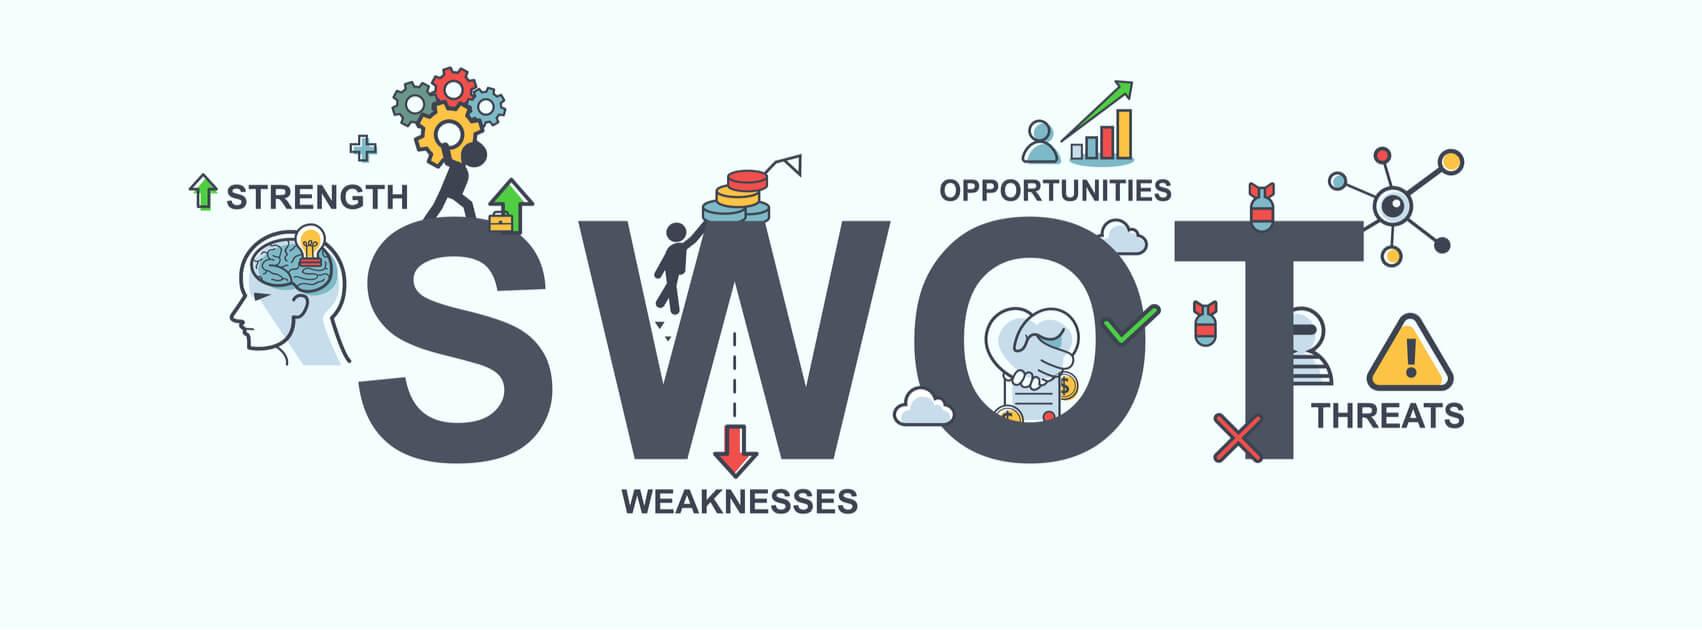 ilustração sobre análise swot dentro da estratégia de vendas e significados da sigla